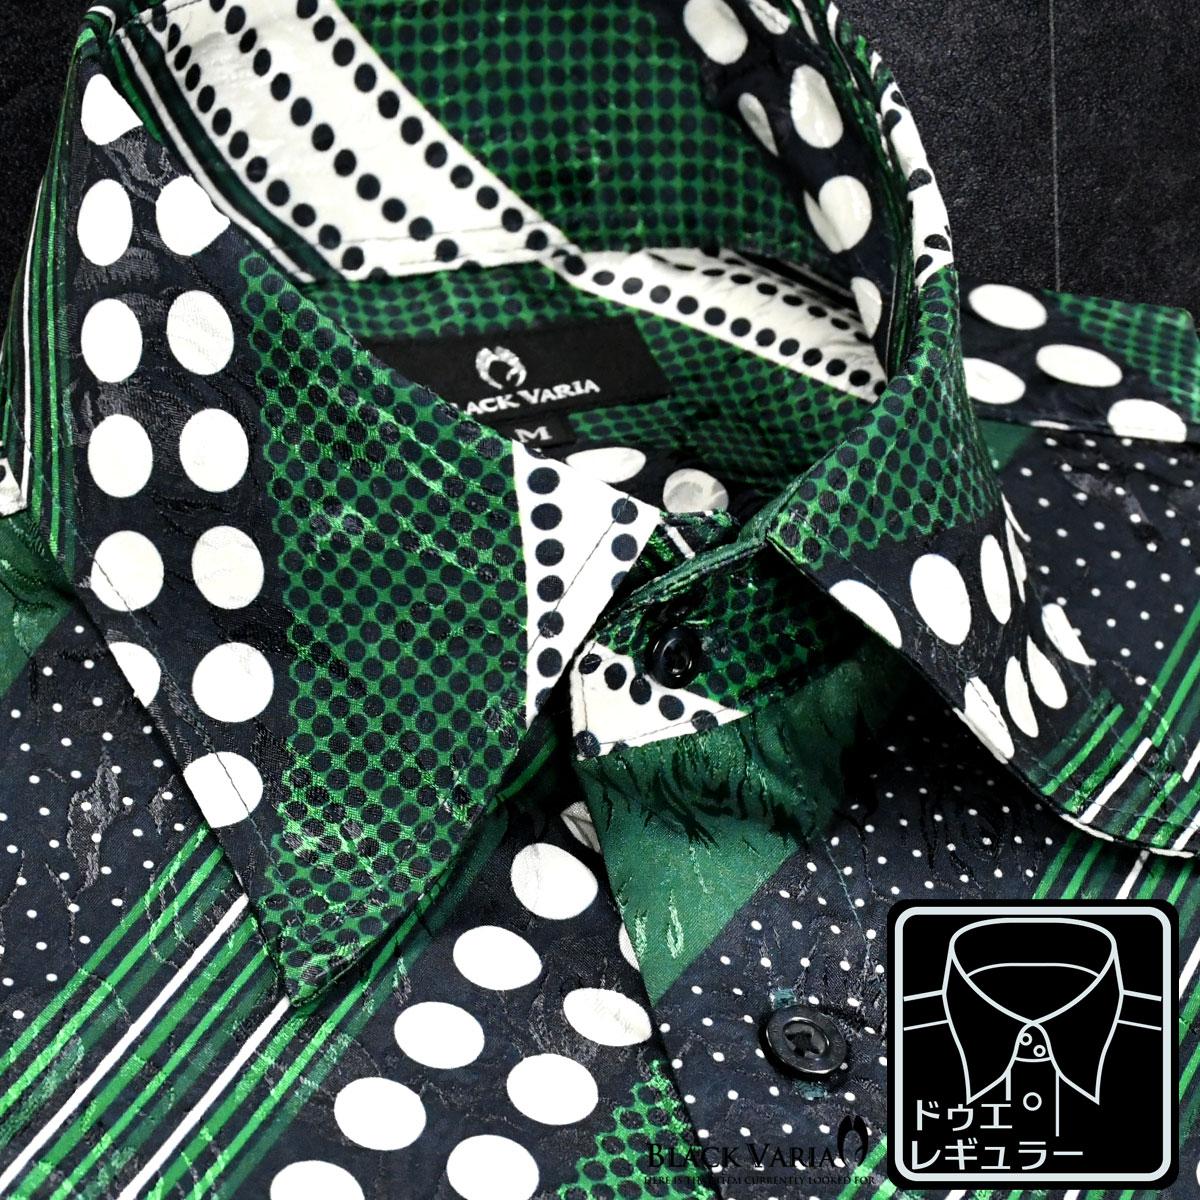 サテンシャツ ドレスシャツ メンズ ドゥエボットーニ 幾何柄 水玉 ストライプ レギュラーカラー ジャガード 日本製 パーティー mens(グリーン緑ブラック黒) 181719